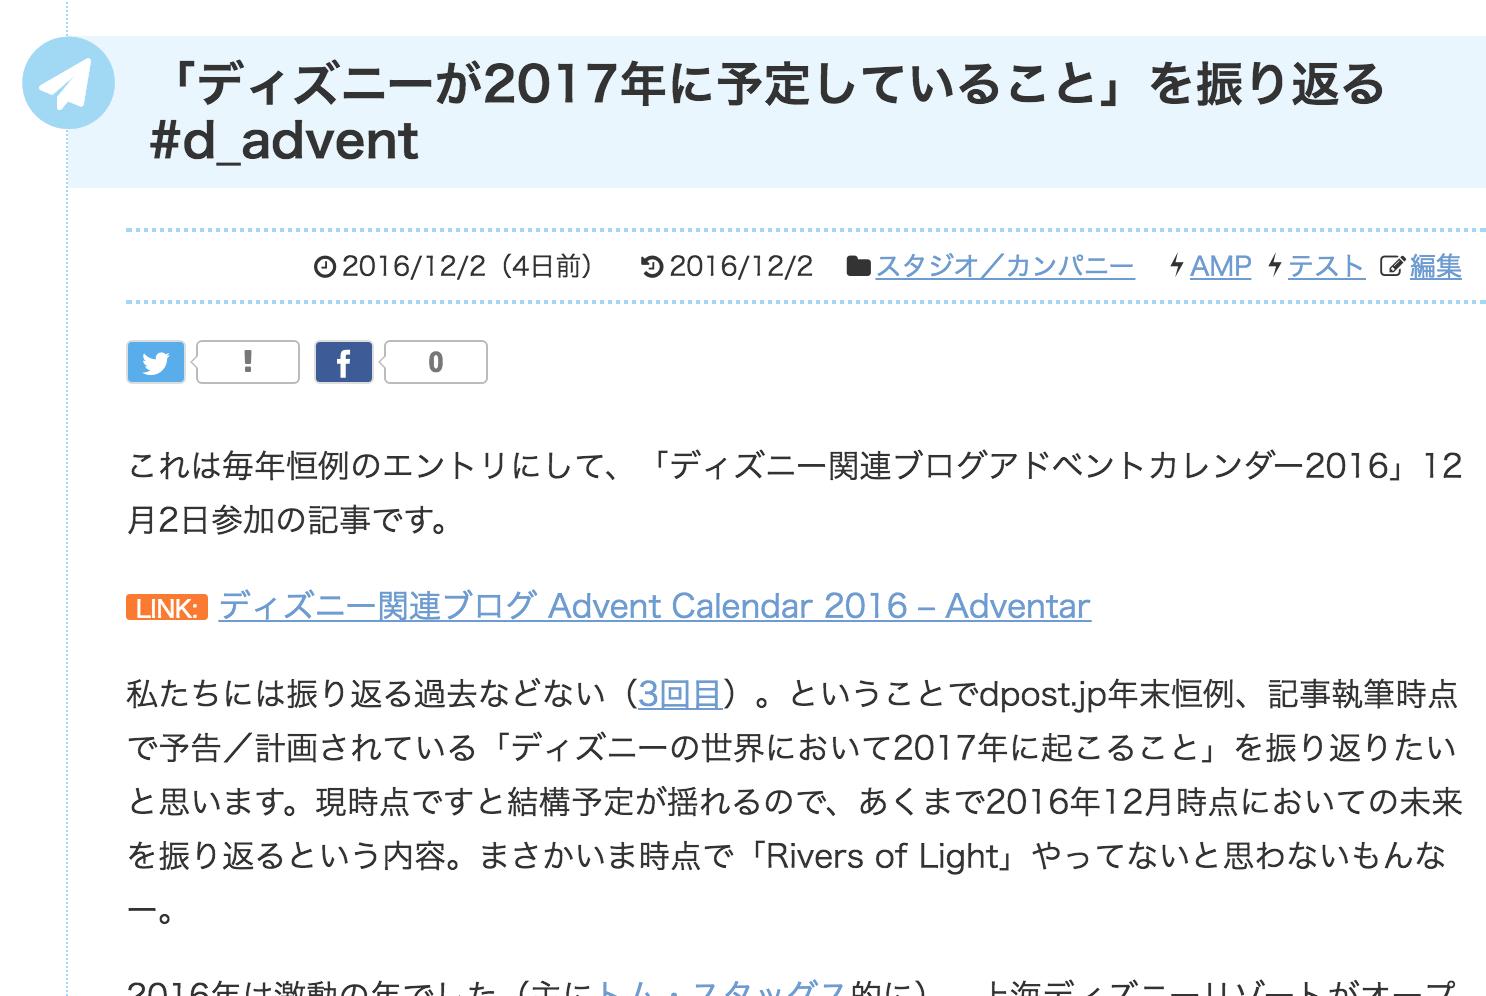 ディズニーが2017年に予定していること」を振り返る #d_advent (update)